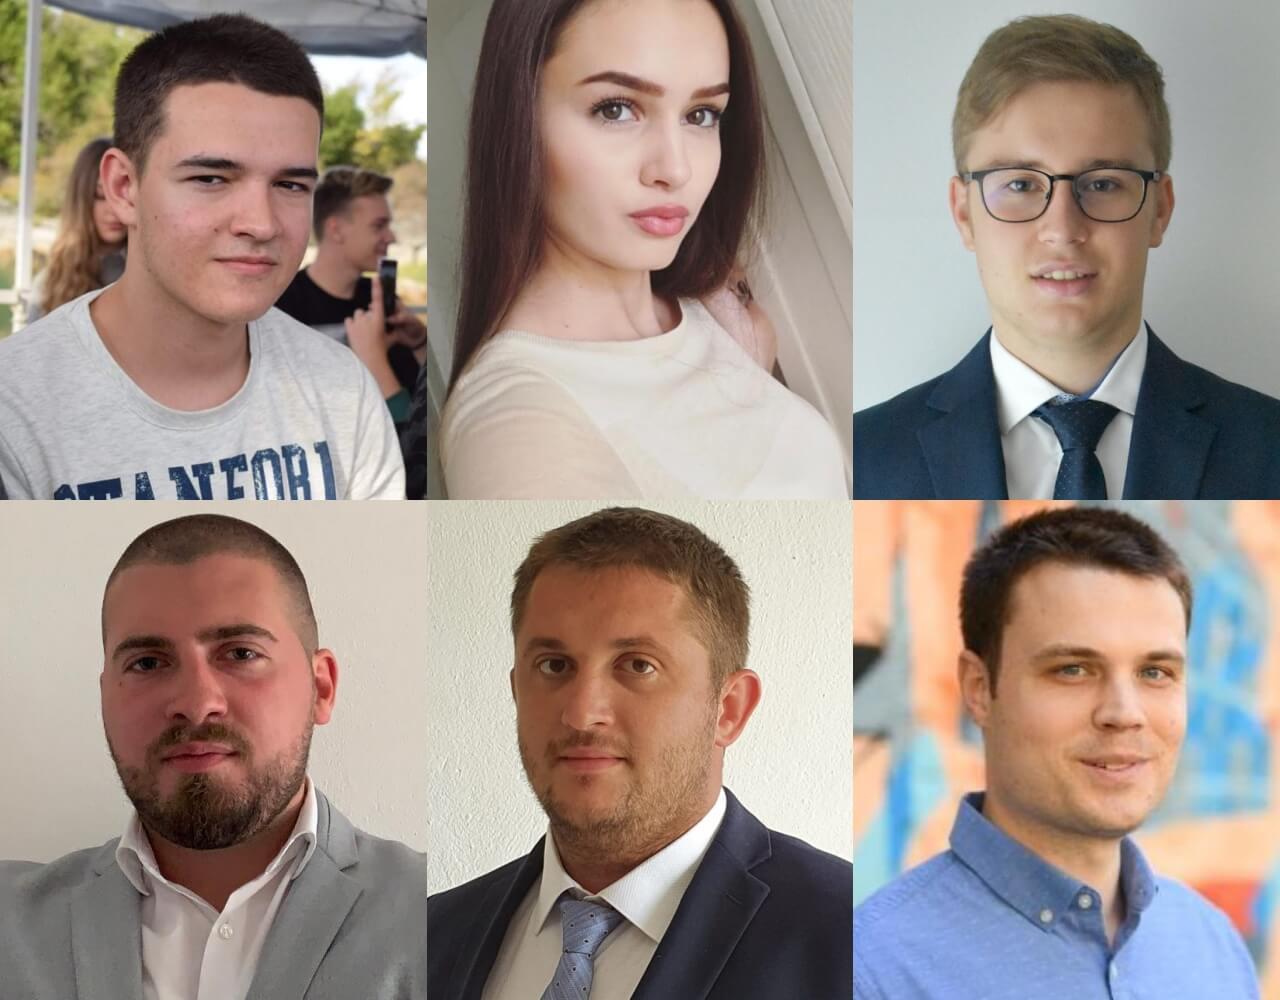 Neki još nisu ni maturirali: Ovo je 6 najmlađih kandidata najpopularnijih opcija na izborima